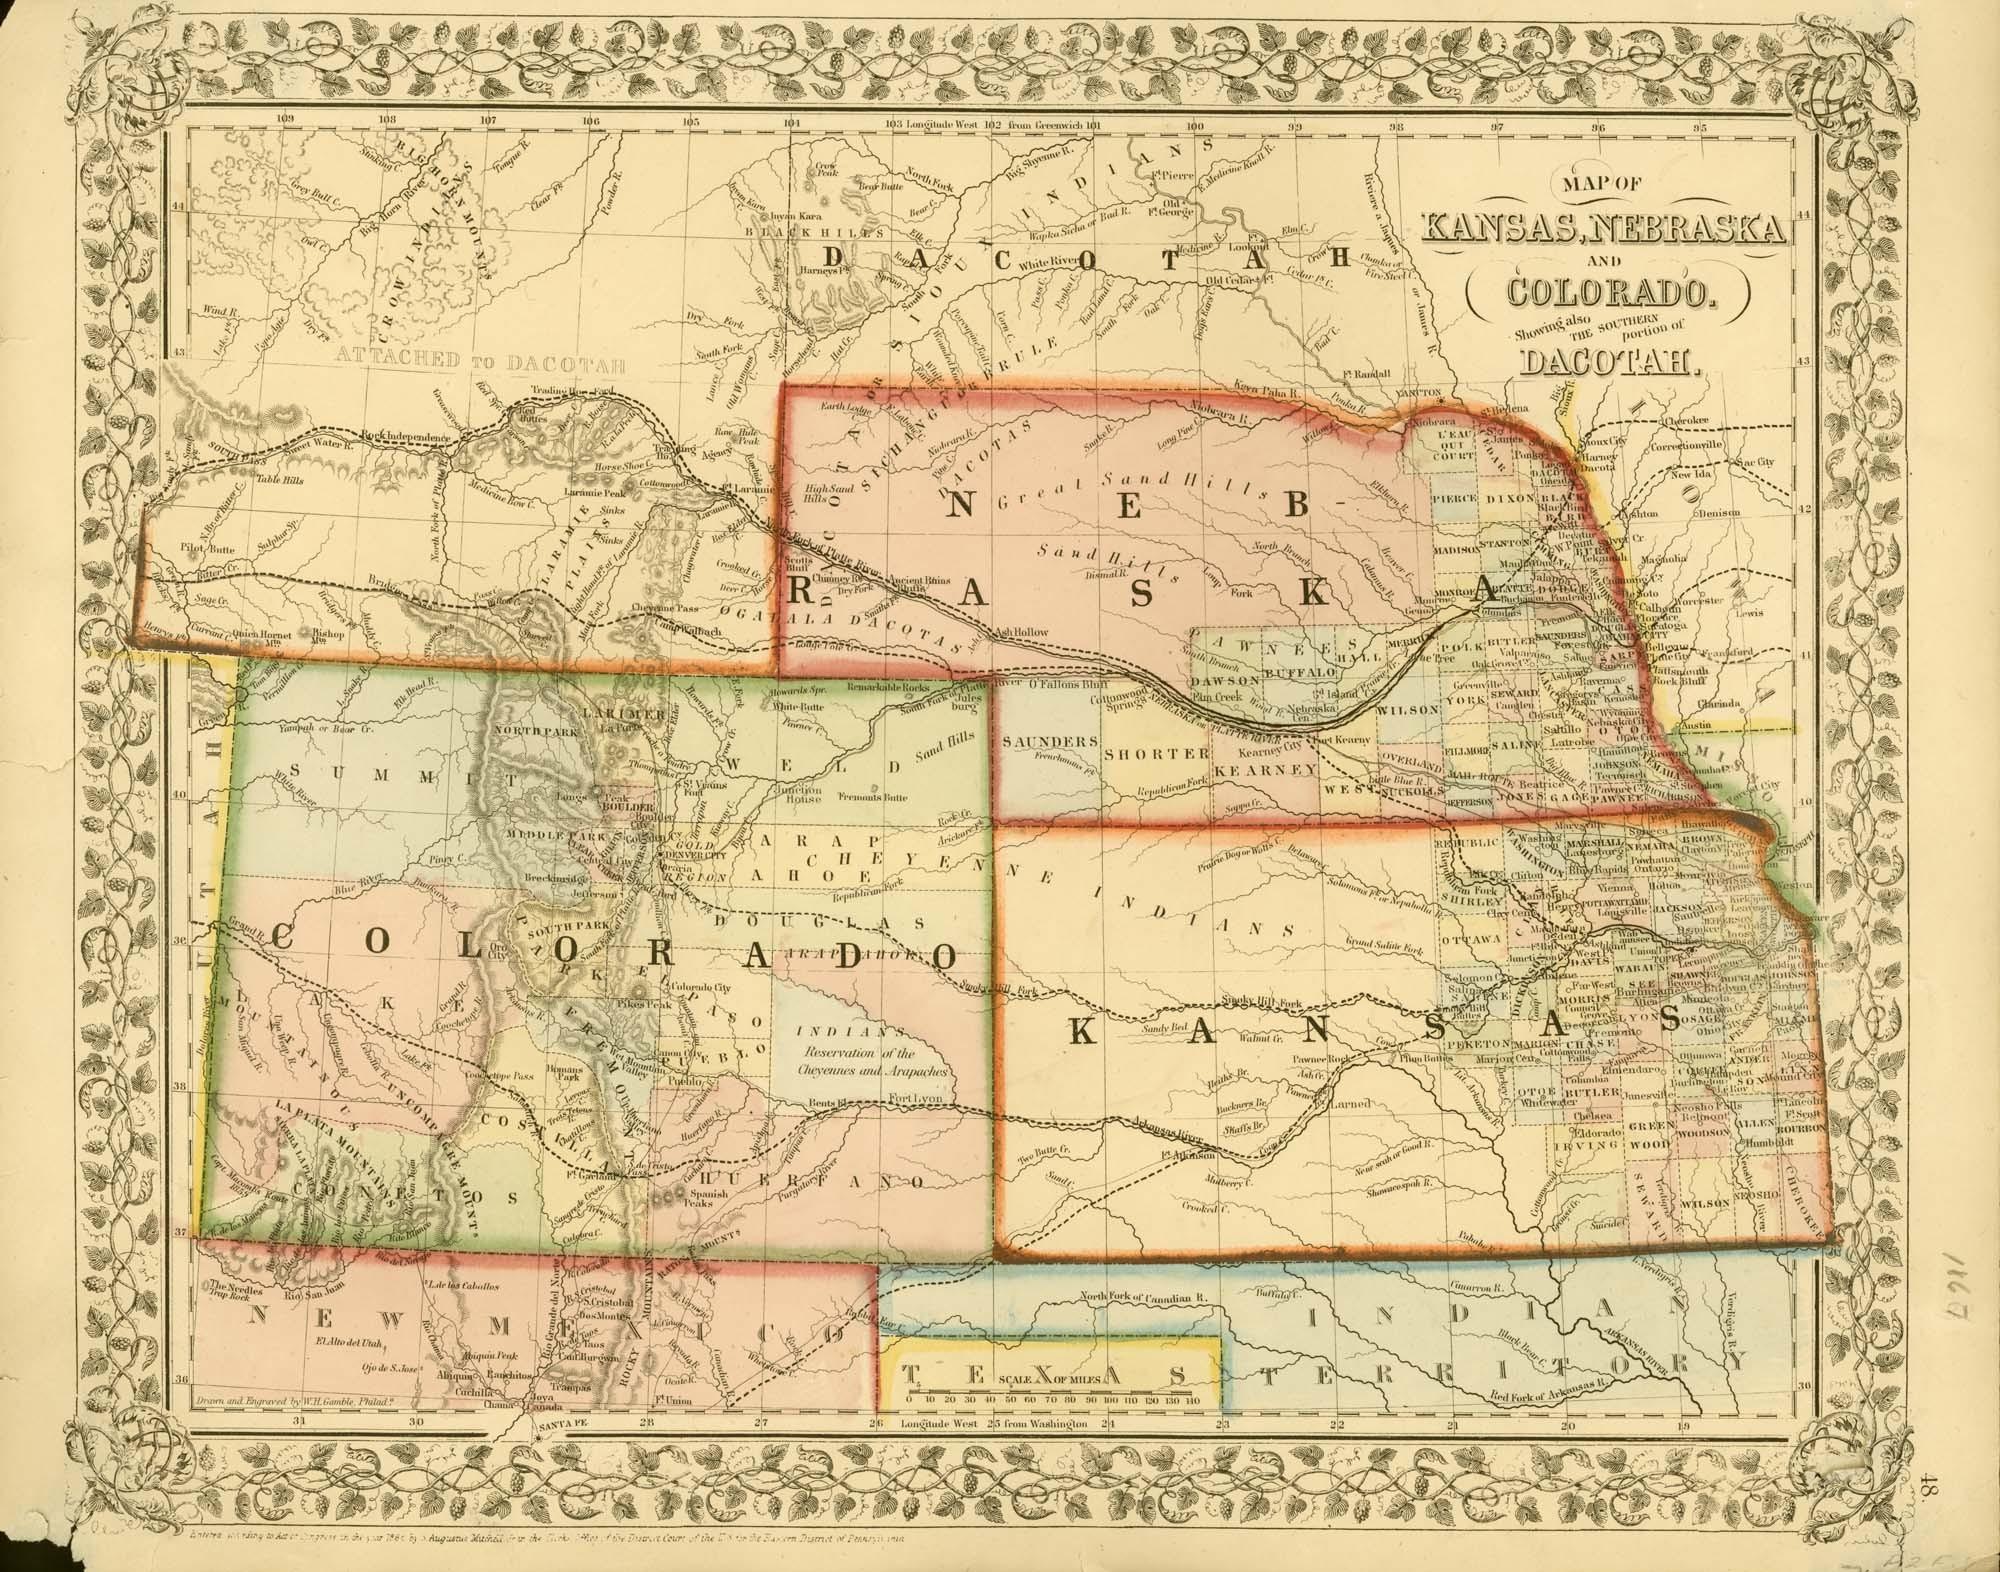 map of kansas, nebraska and colorado - kansas memory